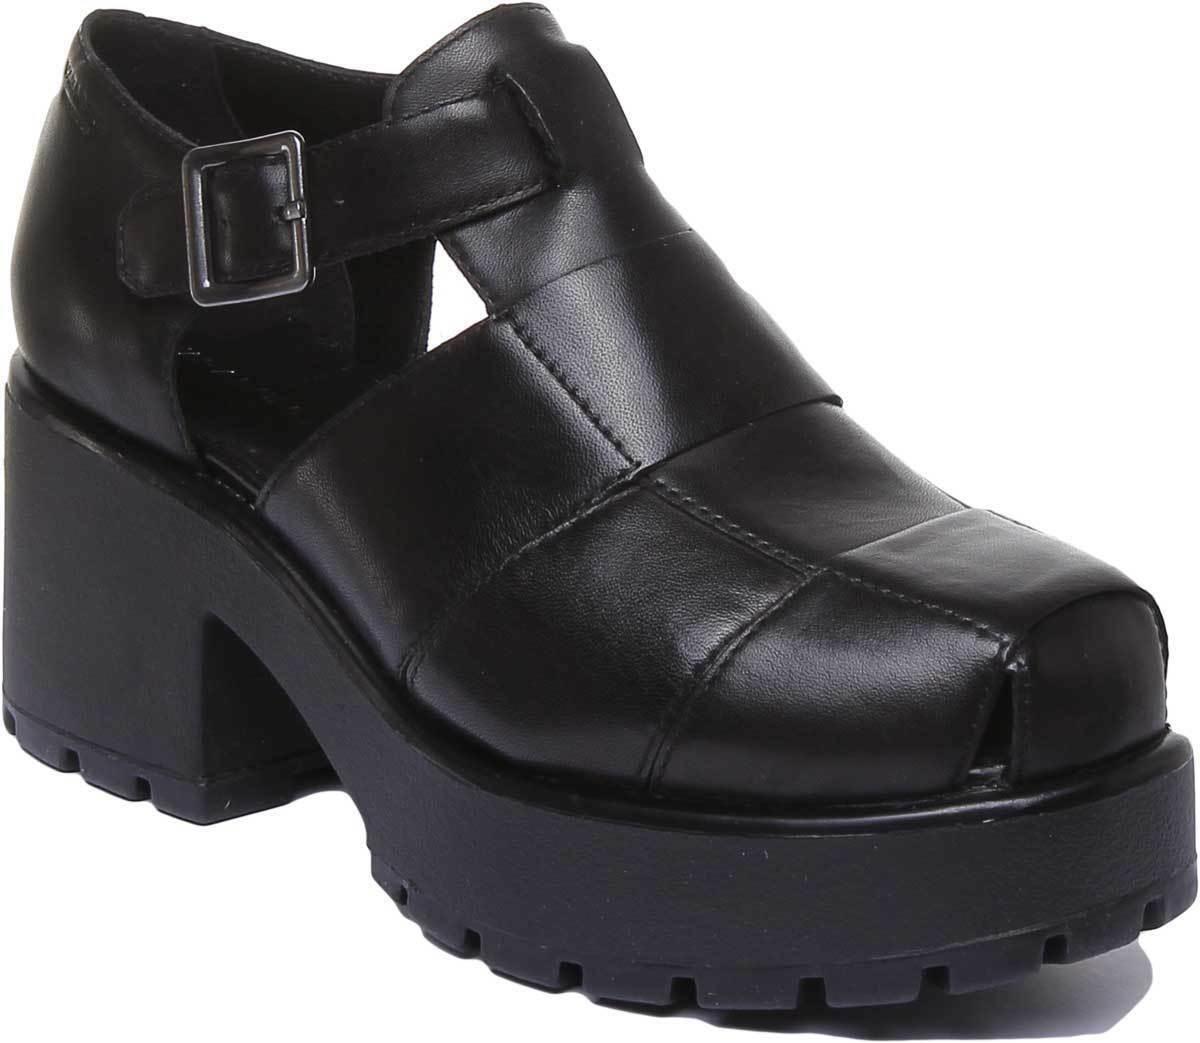 nuevo listado Vagabond Vagabond Vagabond Dioon Mujeres Sandalias de cuero negro grueso tamaño de Reino Unido 3 - 8